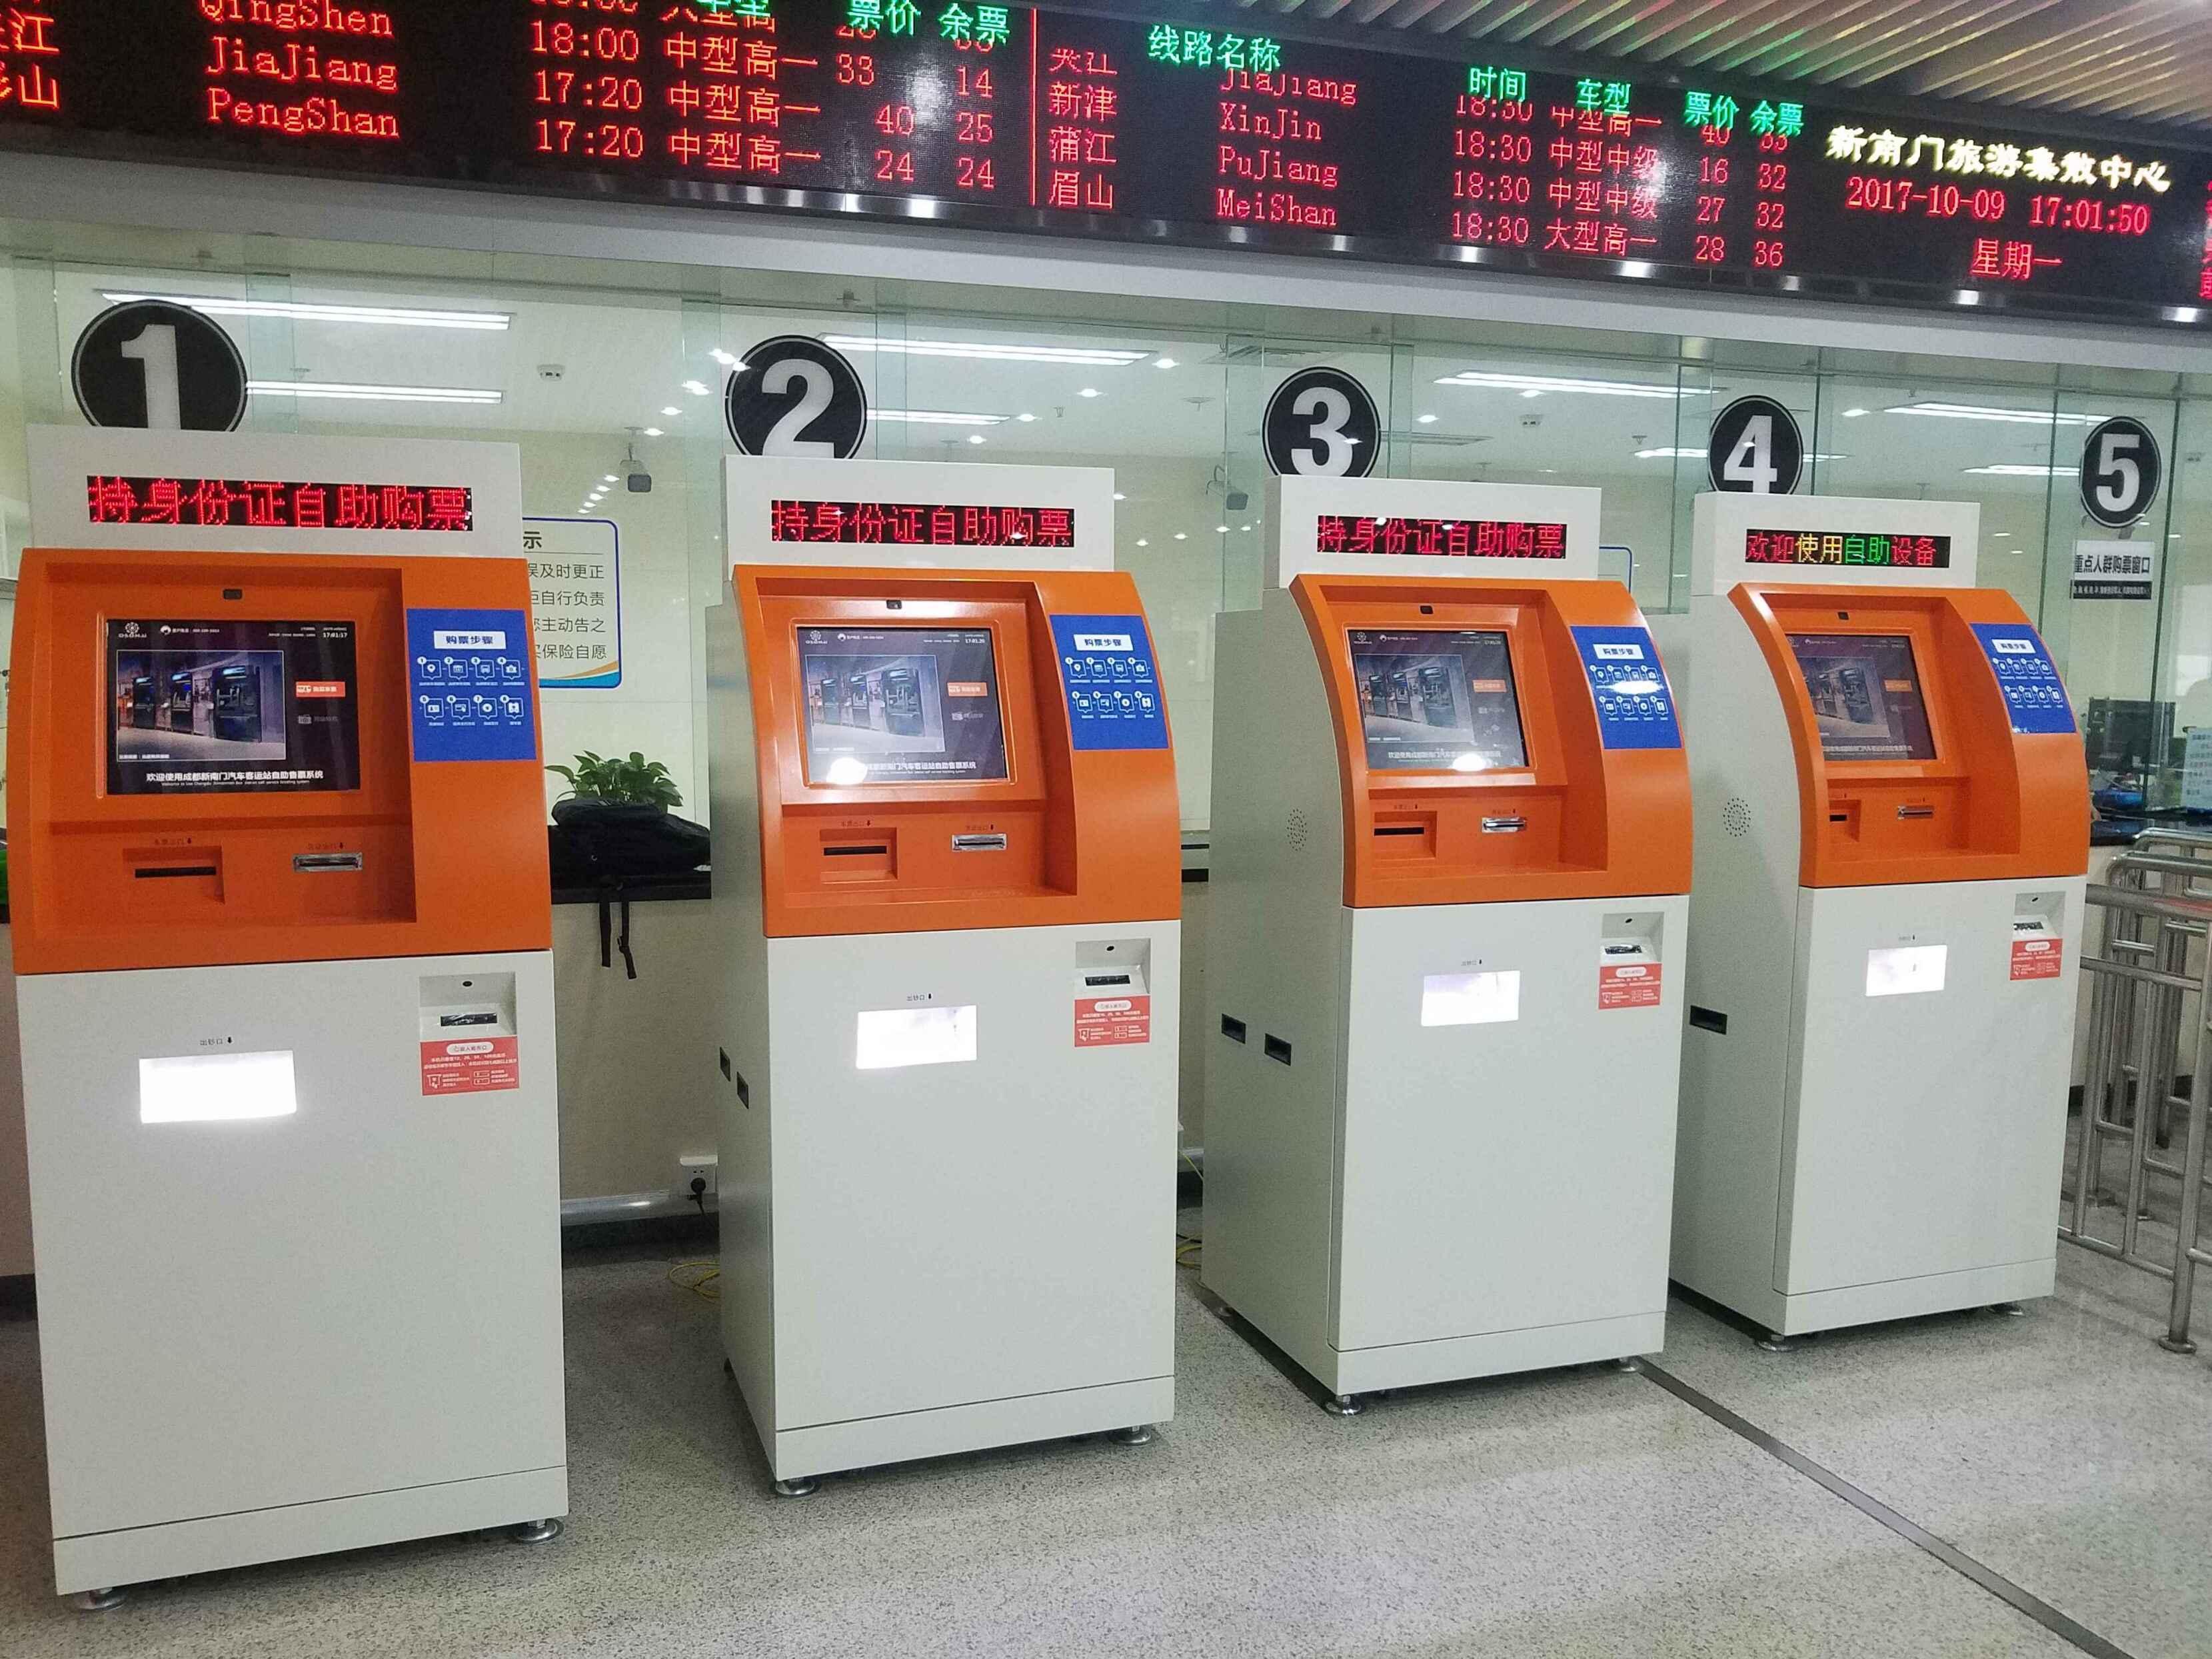 成都车站售票04